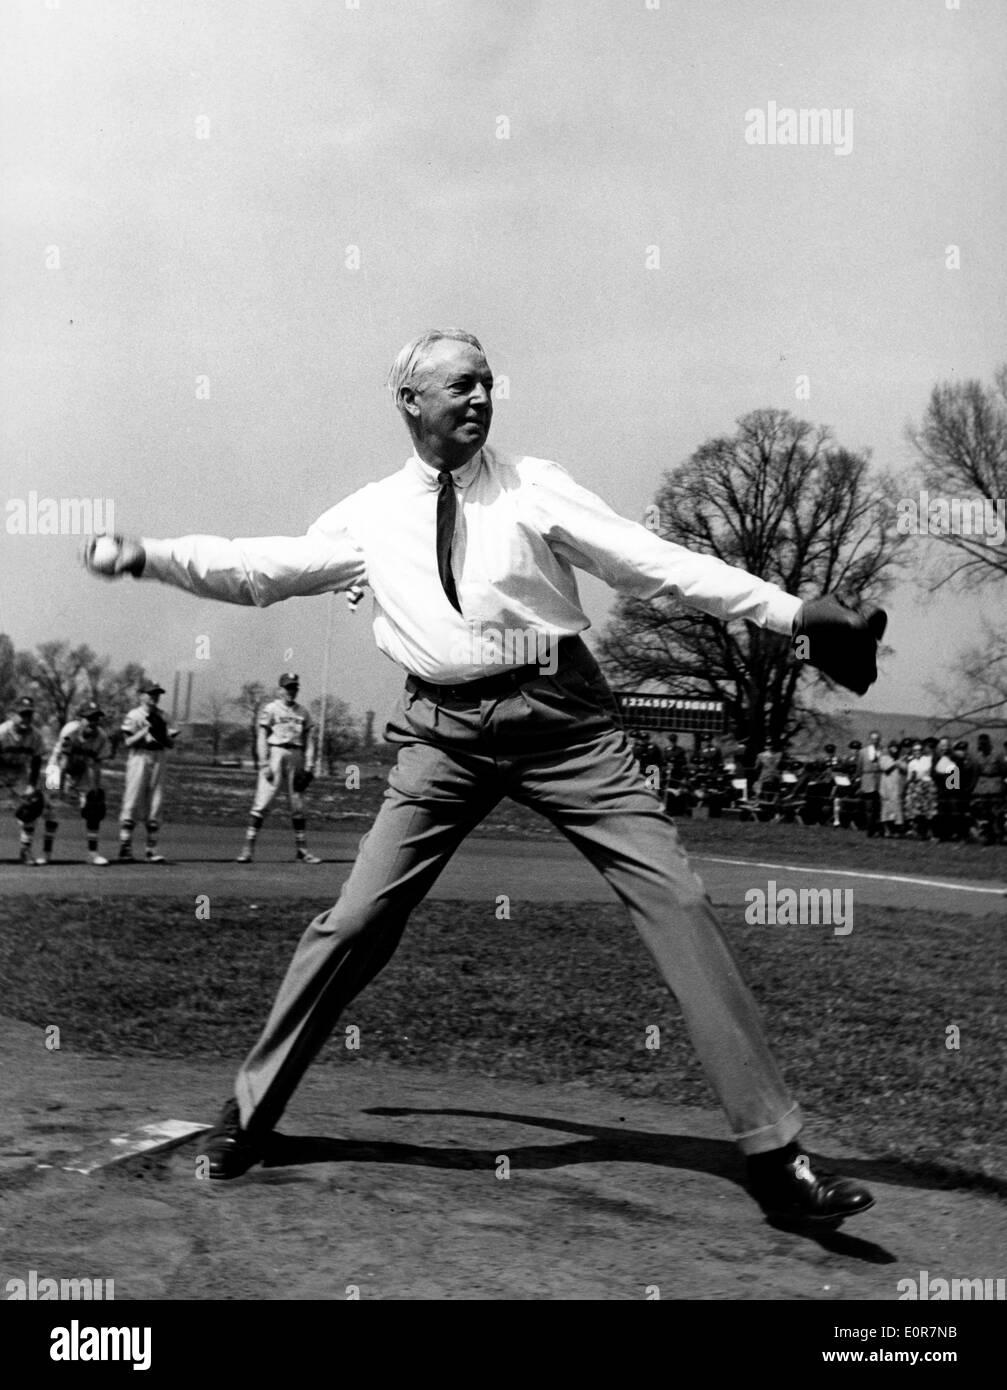 David K. E. Bruce jeter le premier lancer à un jeu de base-ball Banque D'Images